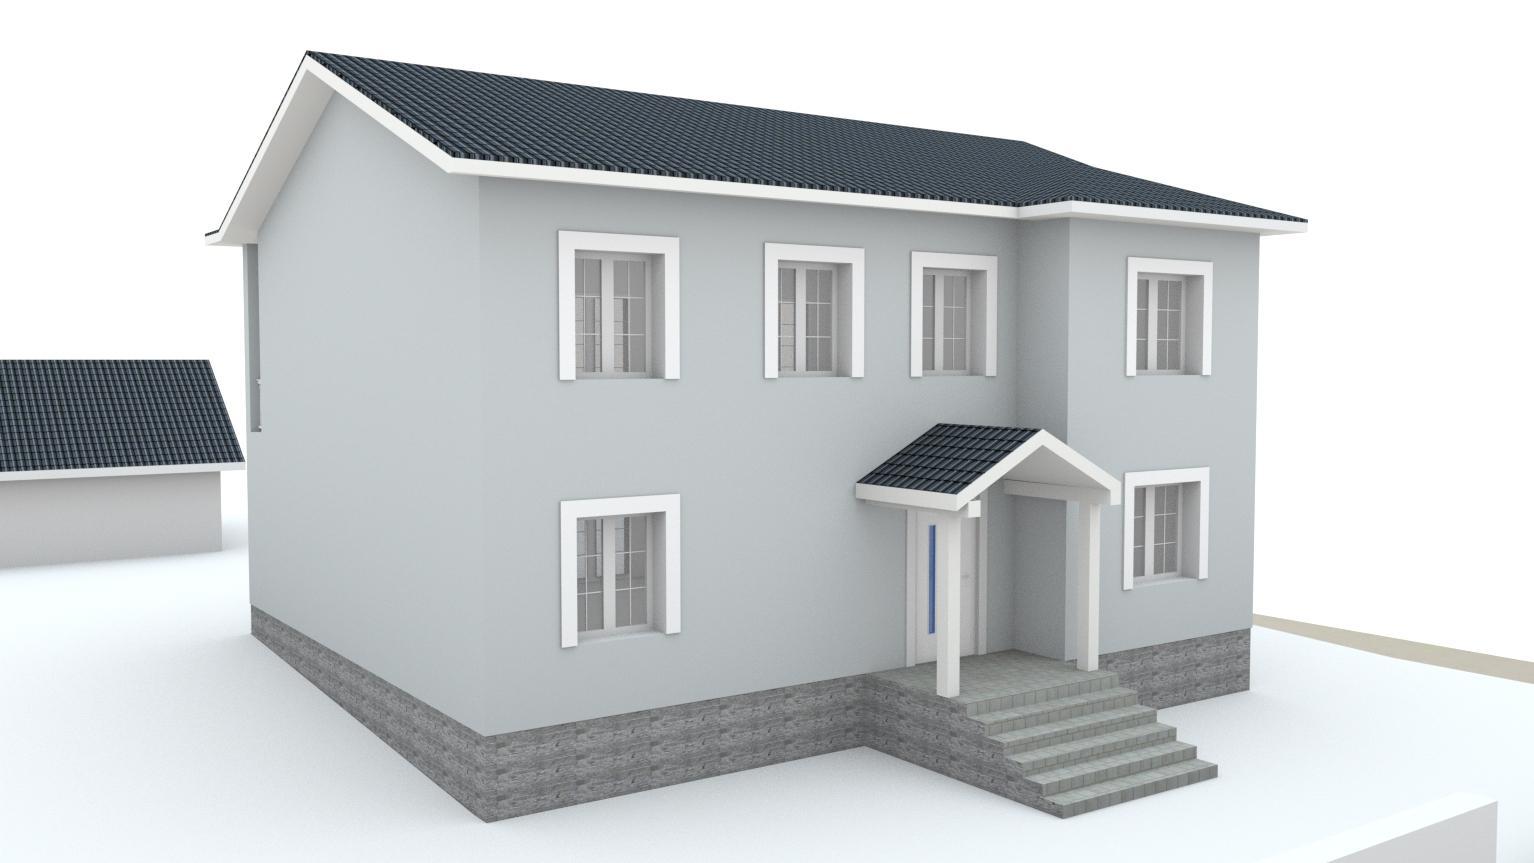 Návrh fasády rodinného domu Bratislava - Obrázok č. 14